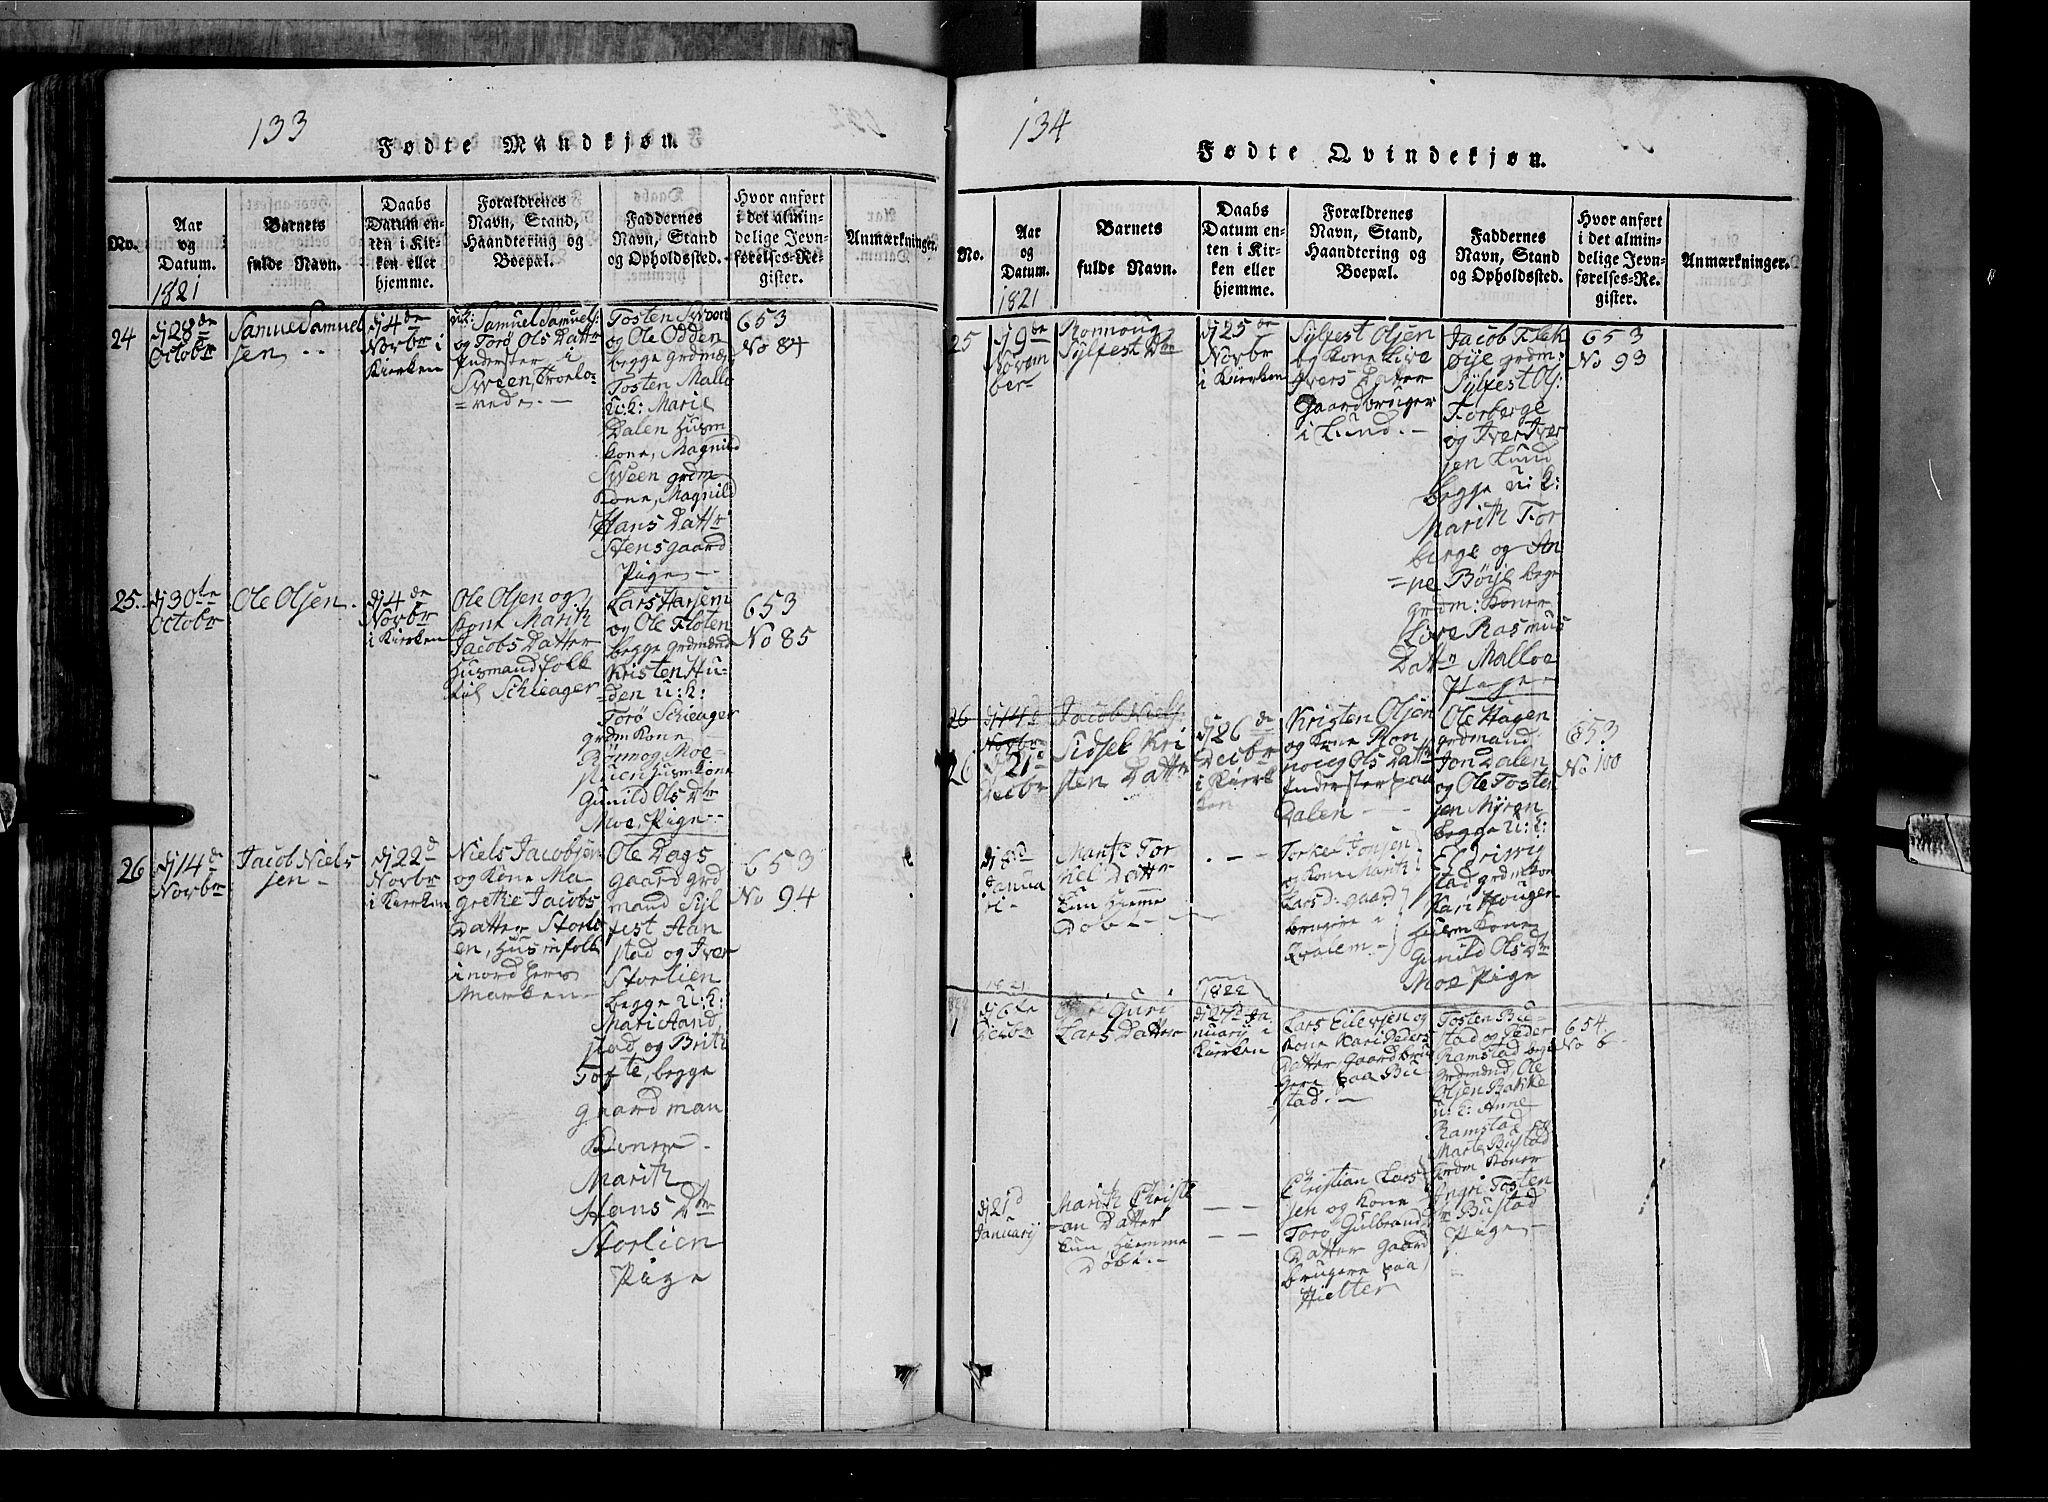 SAH, Lom prestekontor, L/L0003: Klokkerbok nr. 3, 1815-1844, s. 133-134